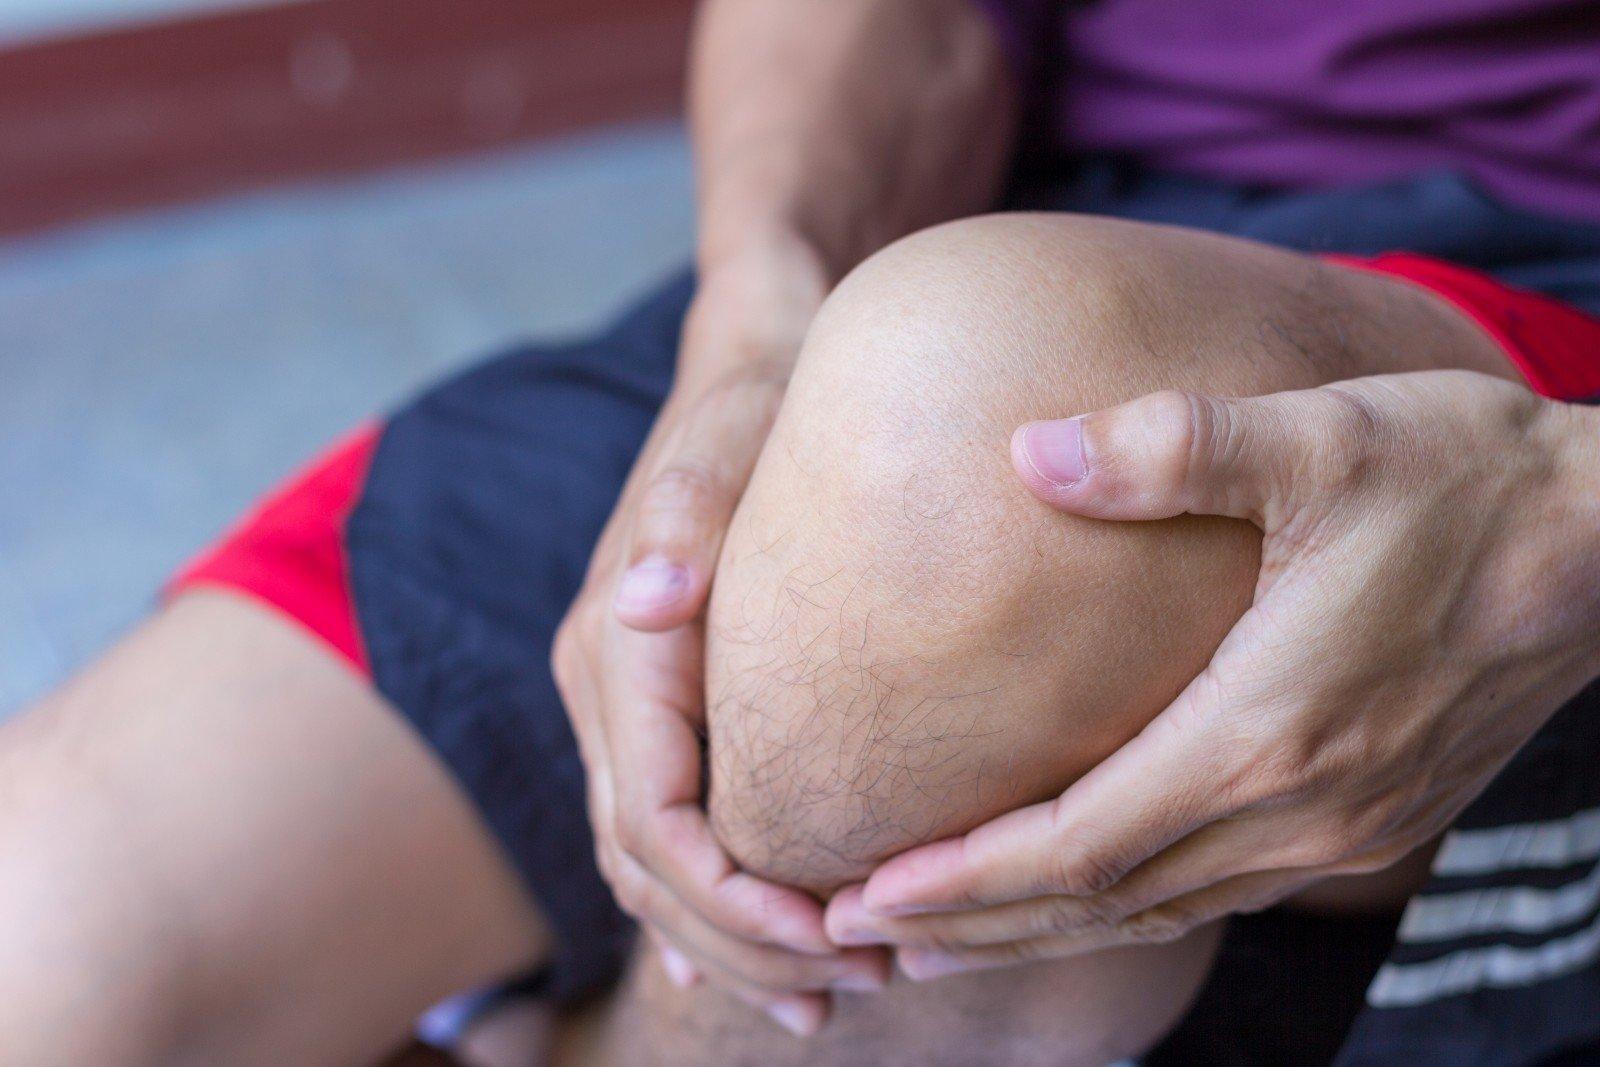 nutekėjimas sąnarių skausmas sąrašą skausmas iš priežastį ir gydymo ranka sąnarių